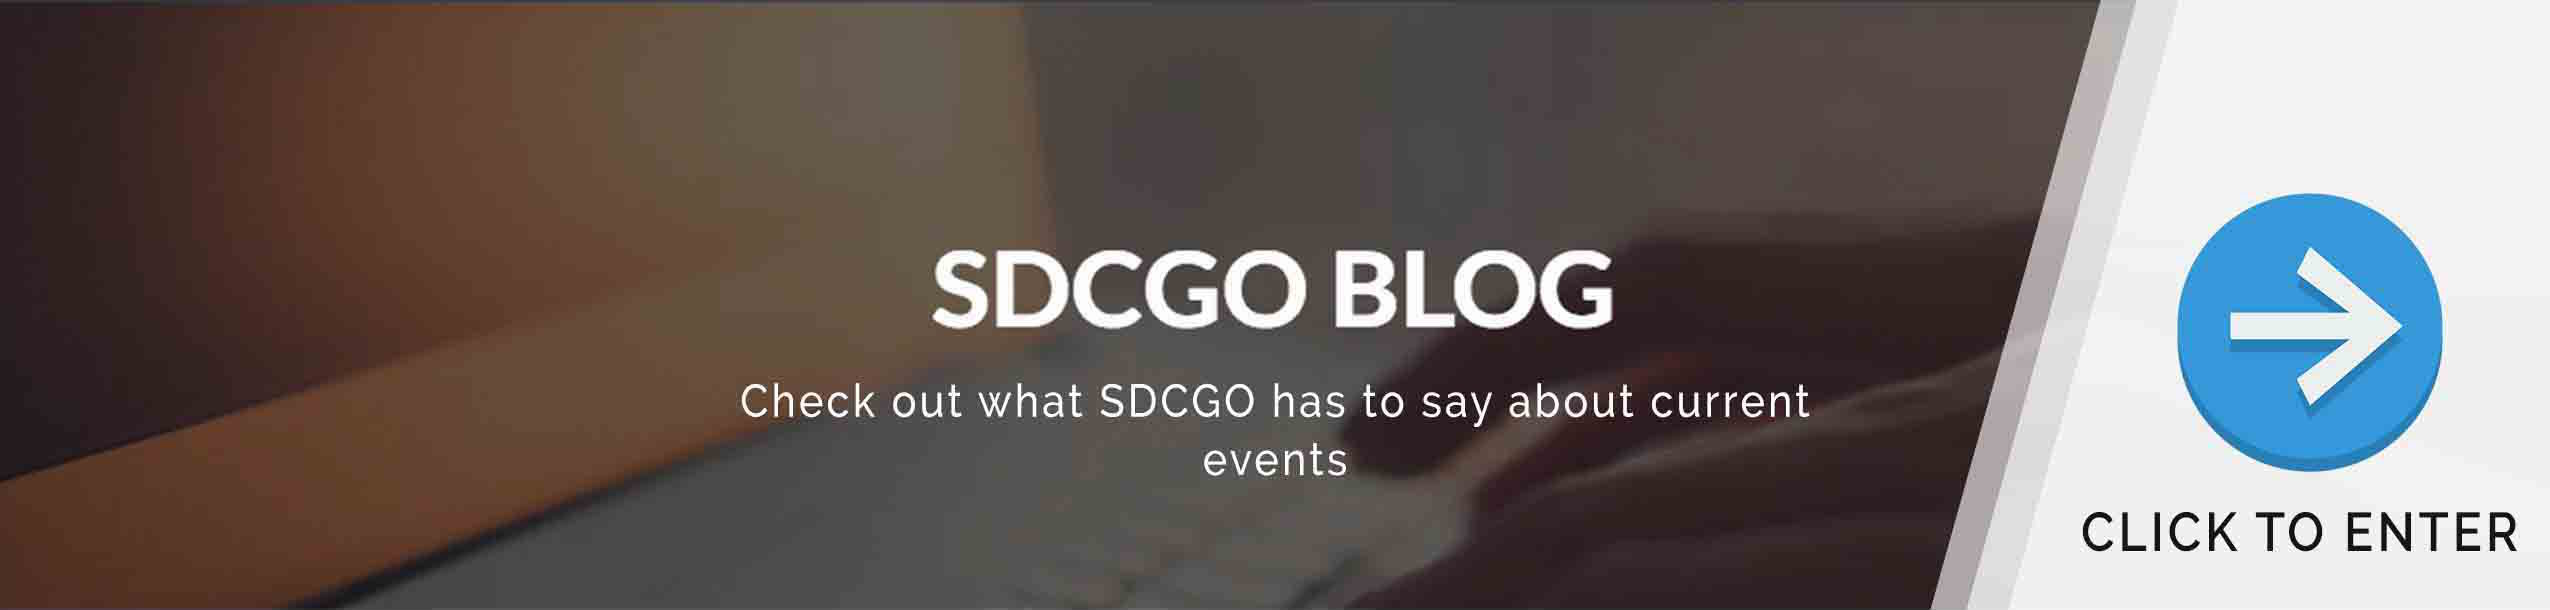 SDCGO Blog